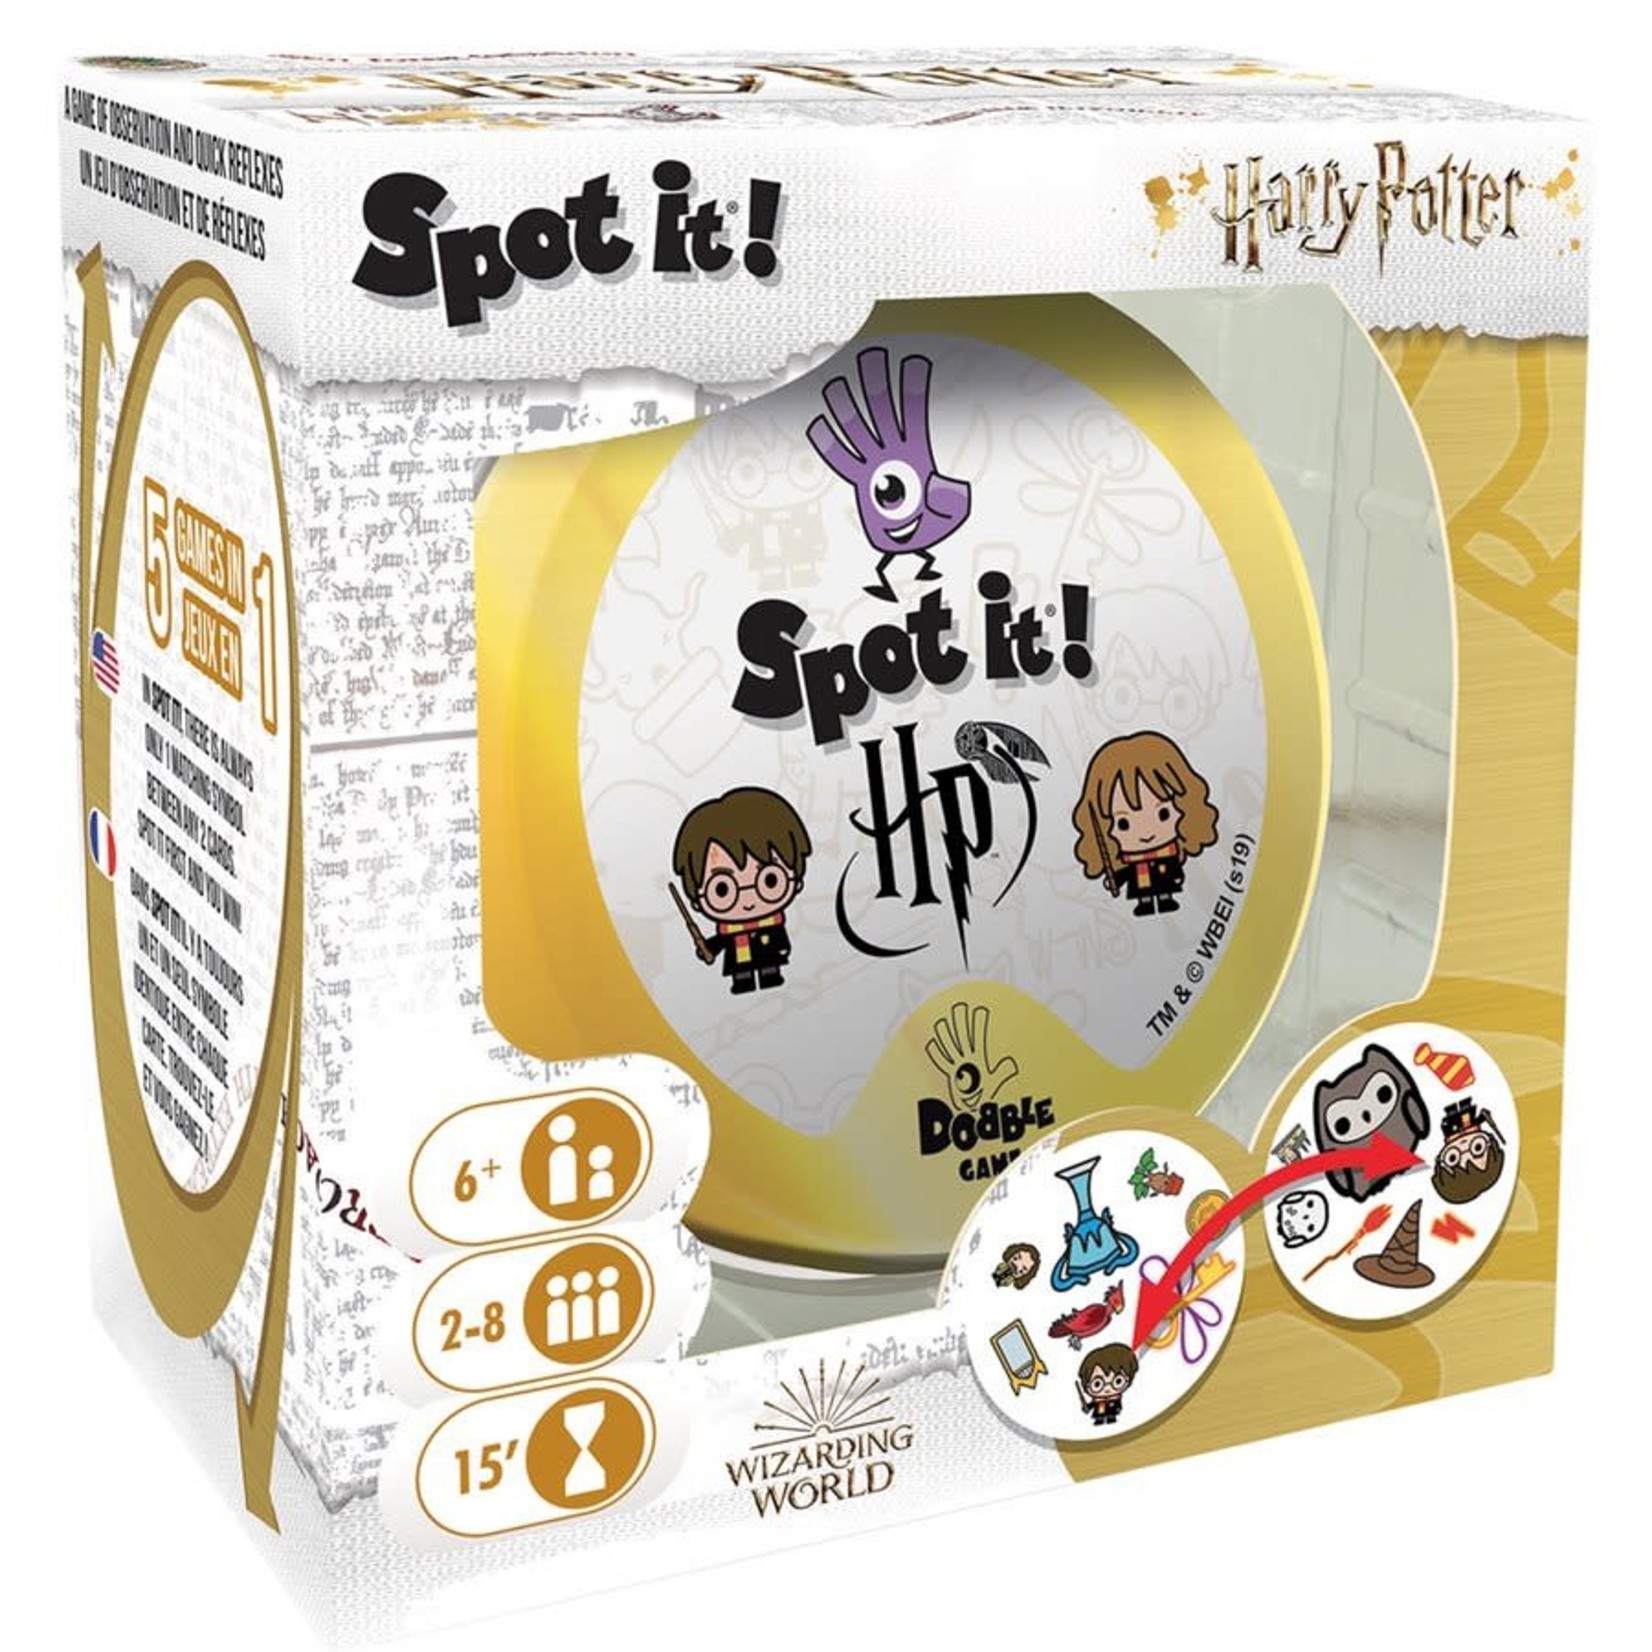 Spot-it/Dobble Harry Potter (Multilingual)